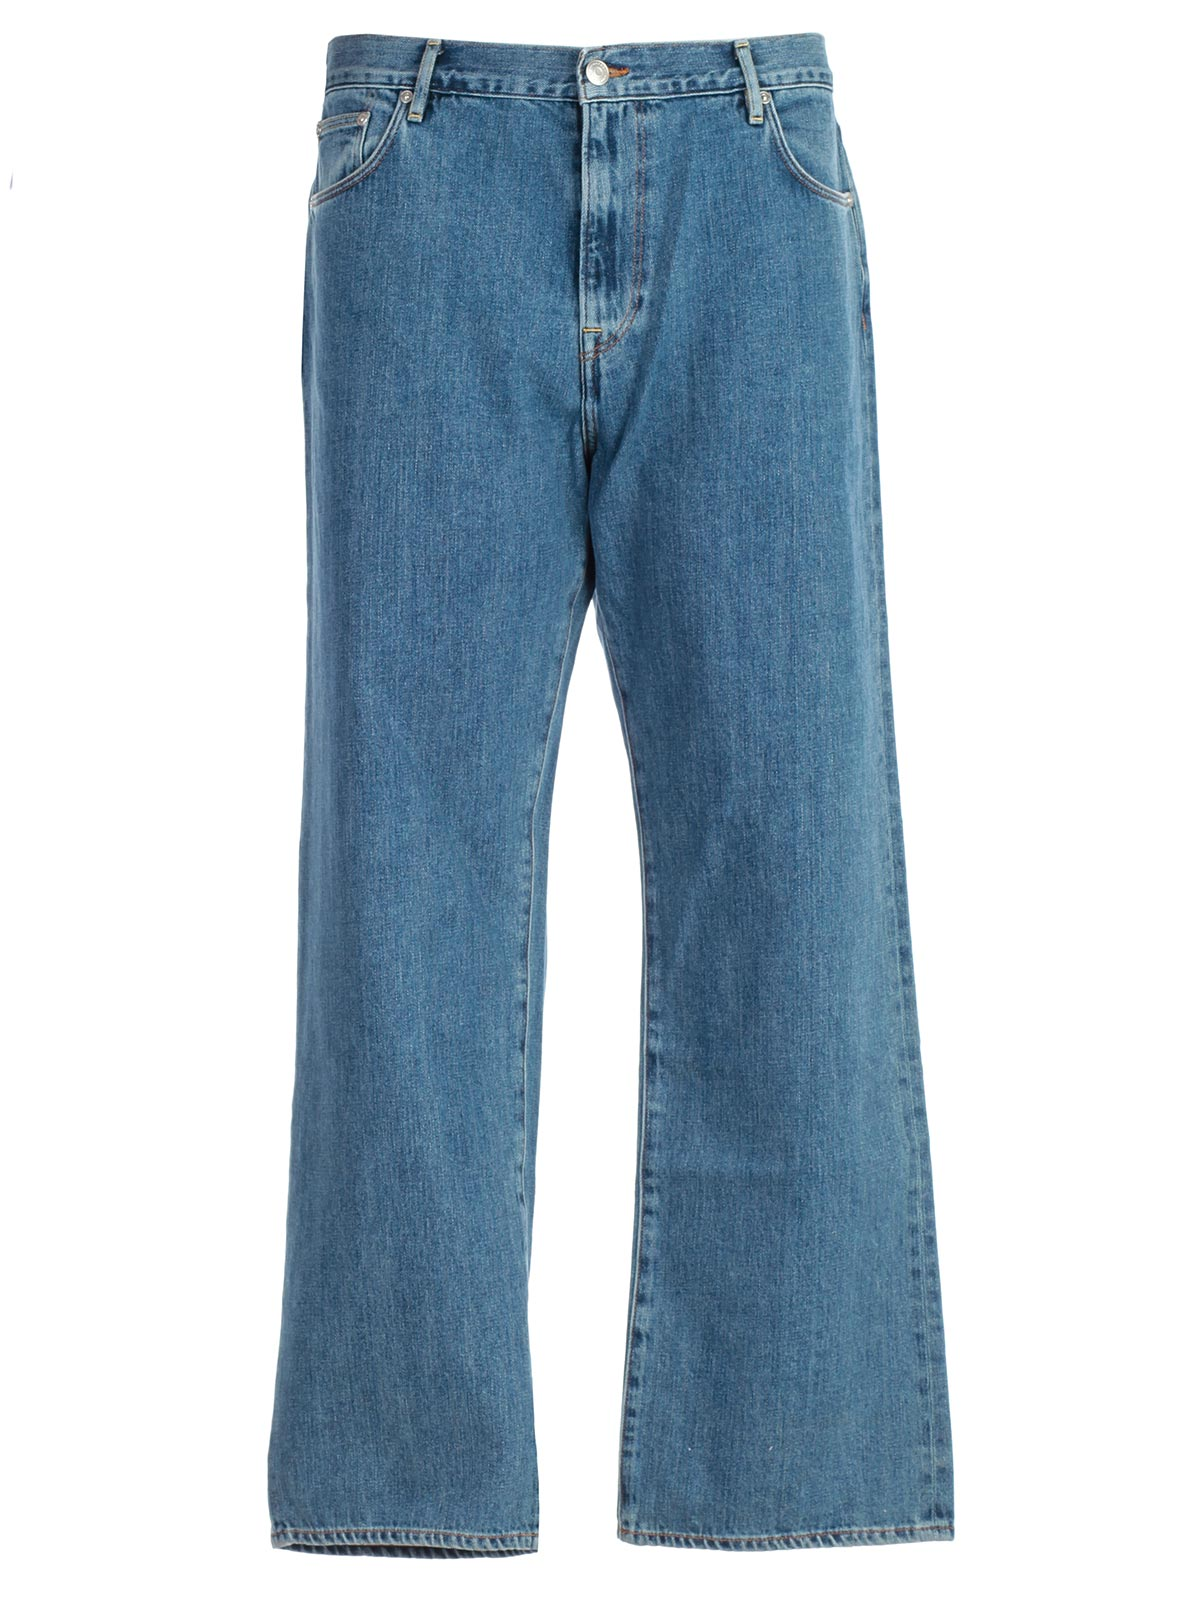 migliori scarpe da ginnastica 0a7ea 7c184 Burberry Jeans